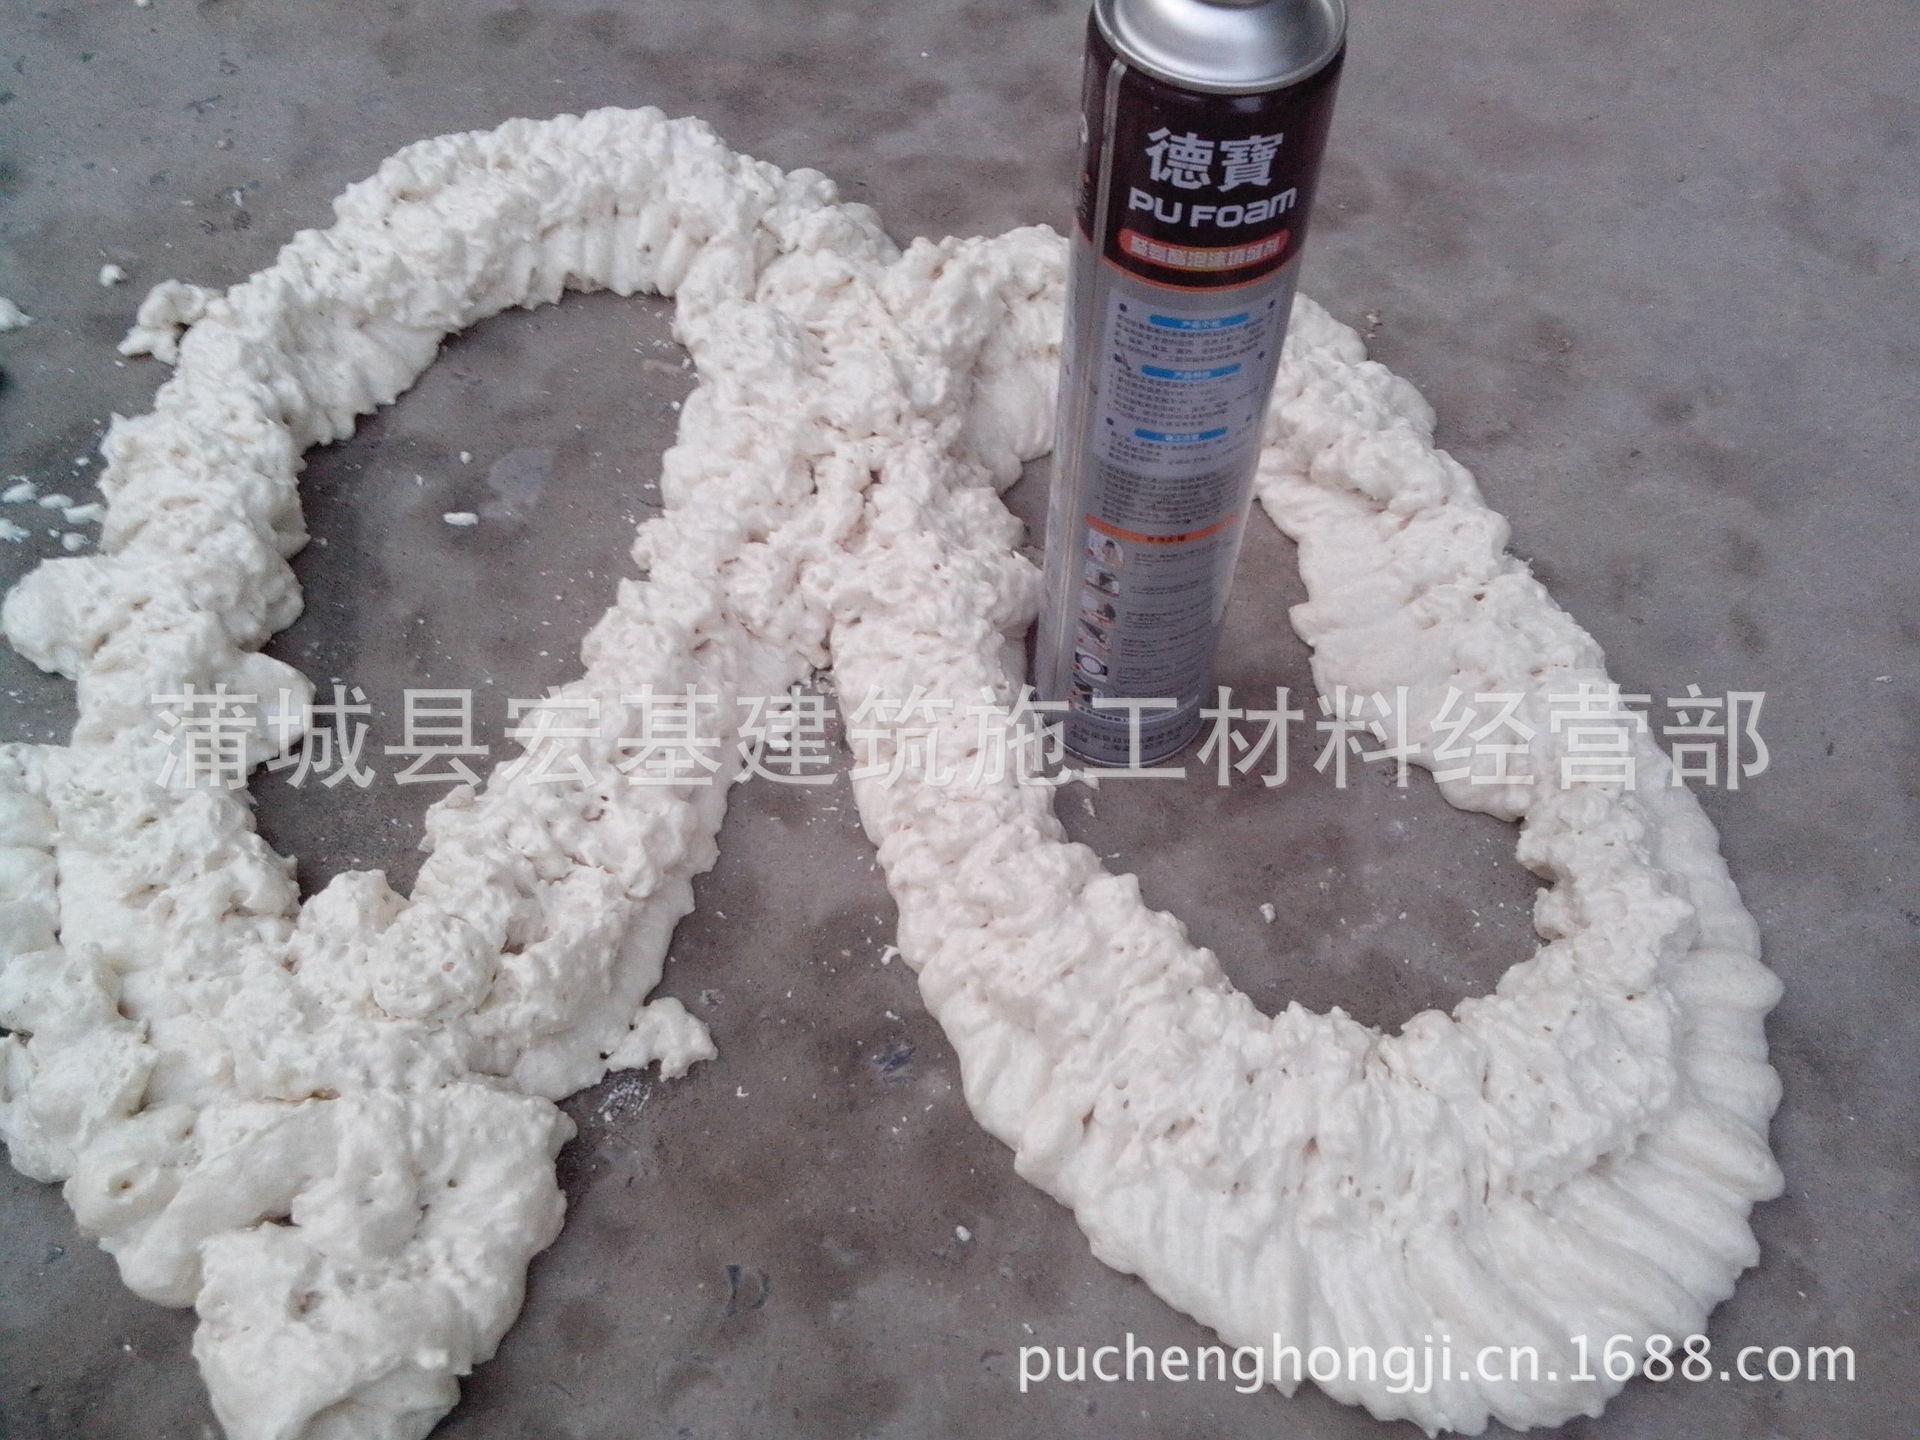 陕西渭南西安蒲城白水聚氨酯泡沫胶内容填缝剂城市景观设计泡沫是什么意思图片